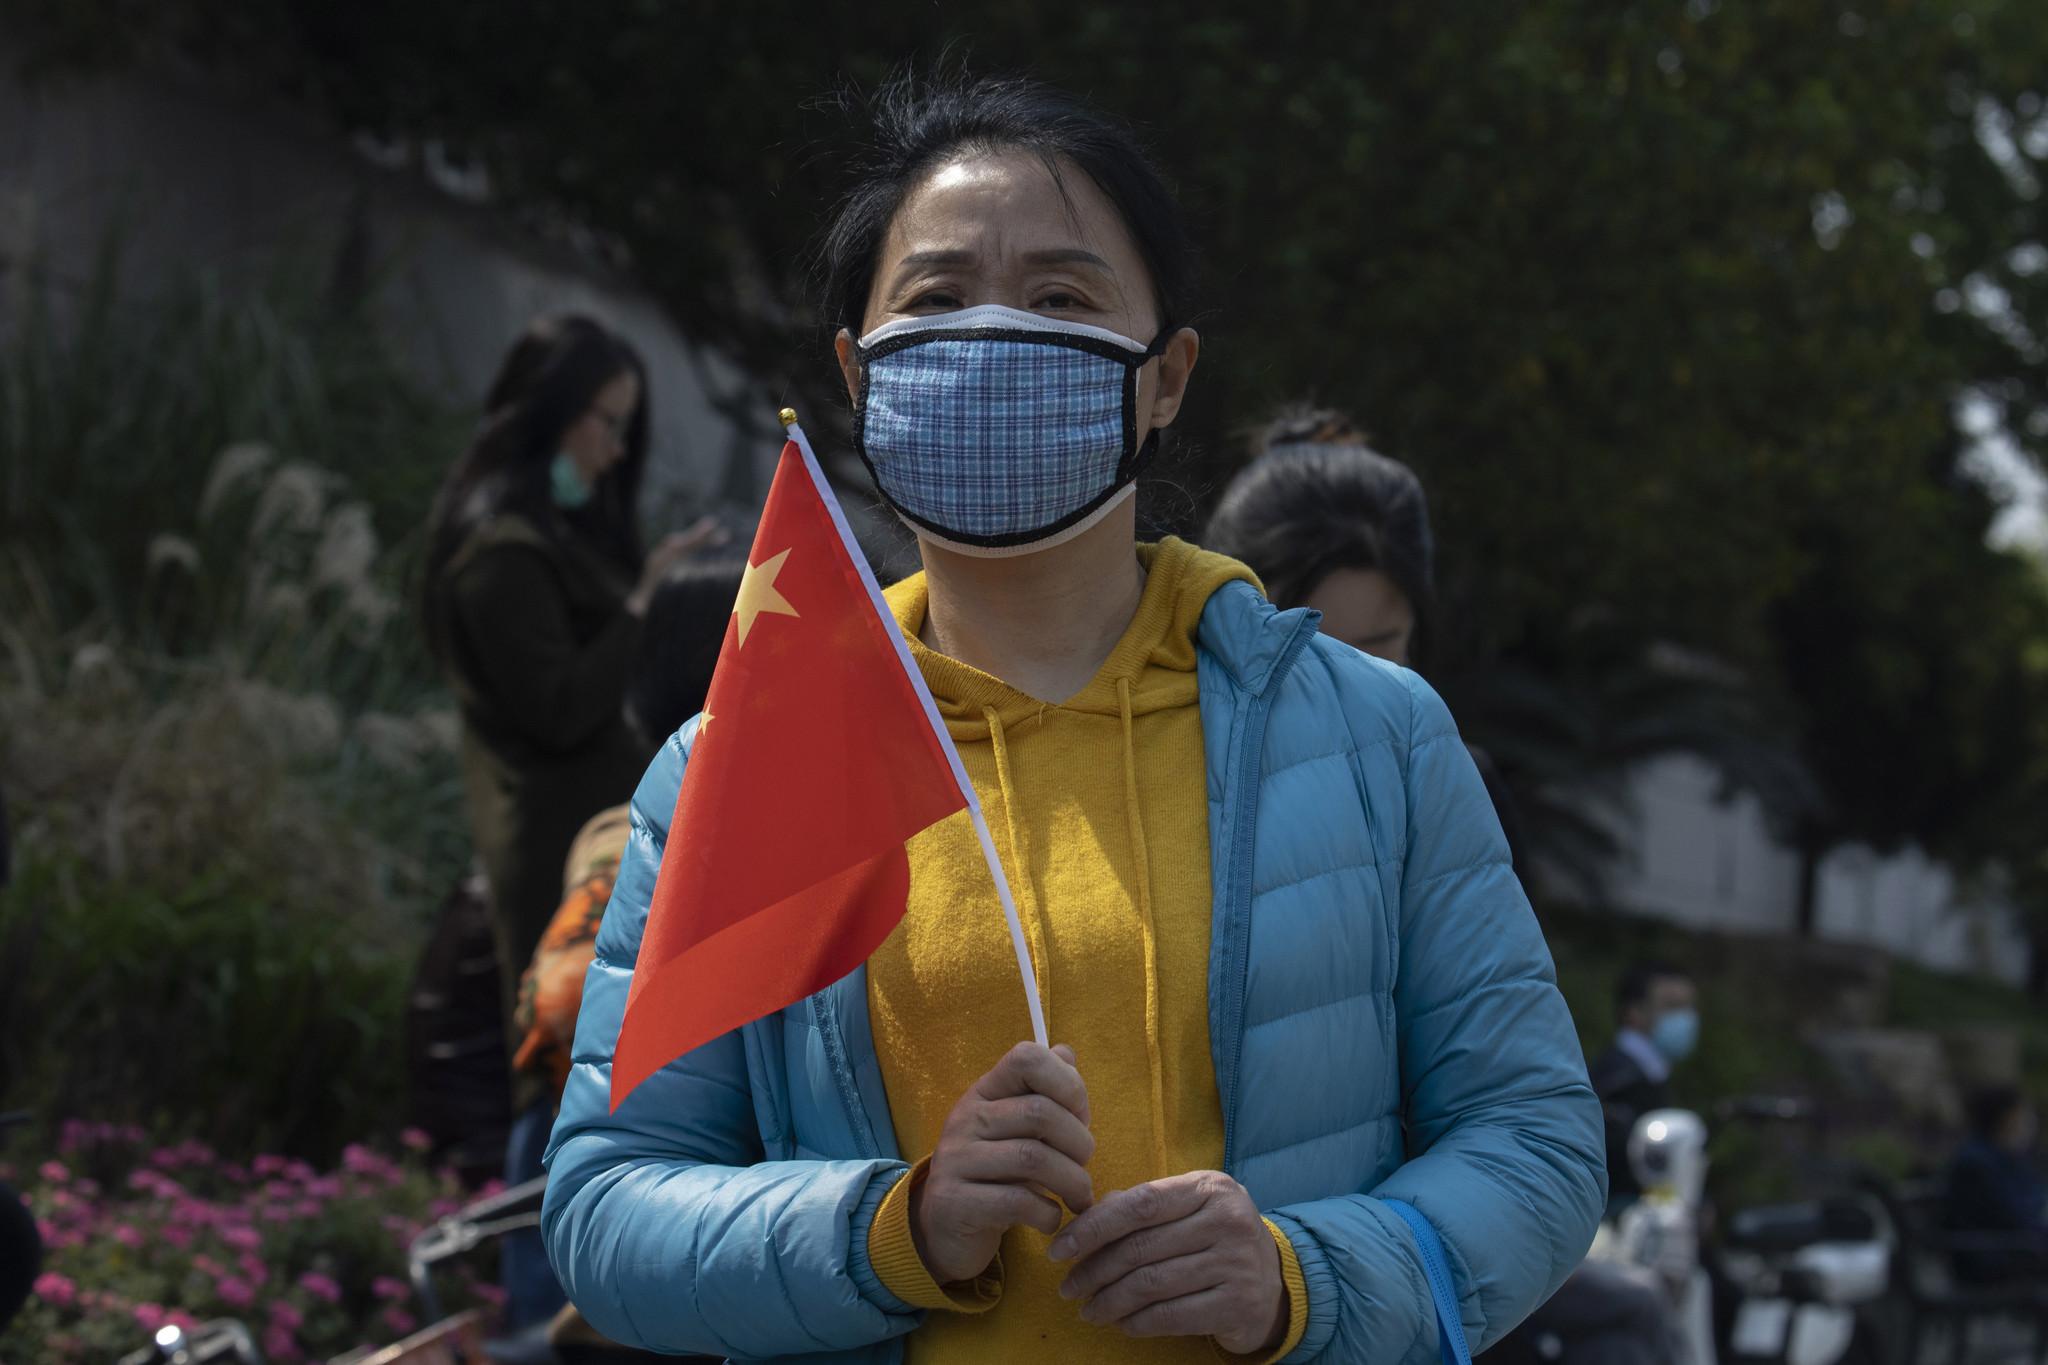 Asymptomatic coronavirus cases tick up in China